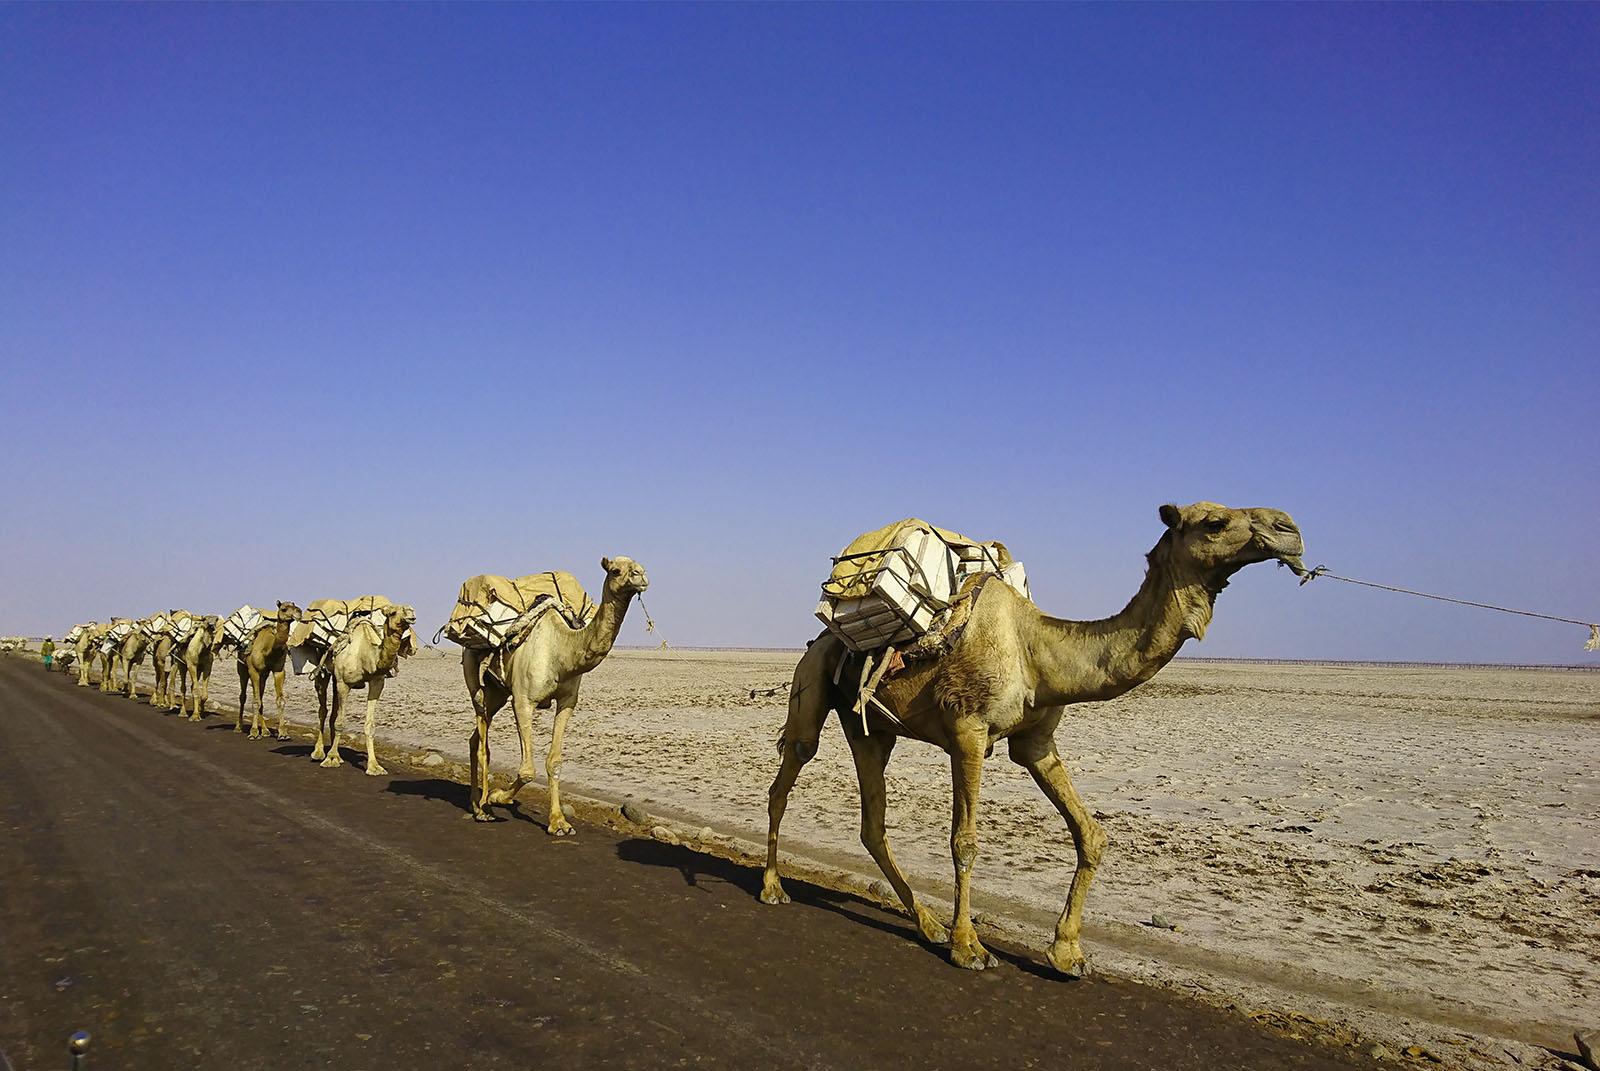 Tour travel to The Ethiopian desert of Afar